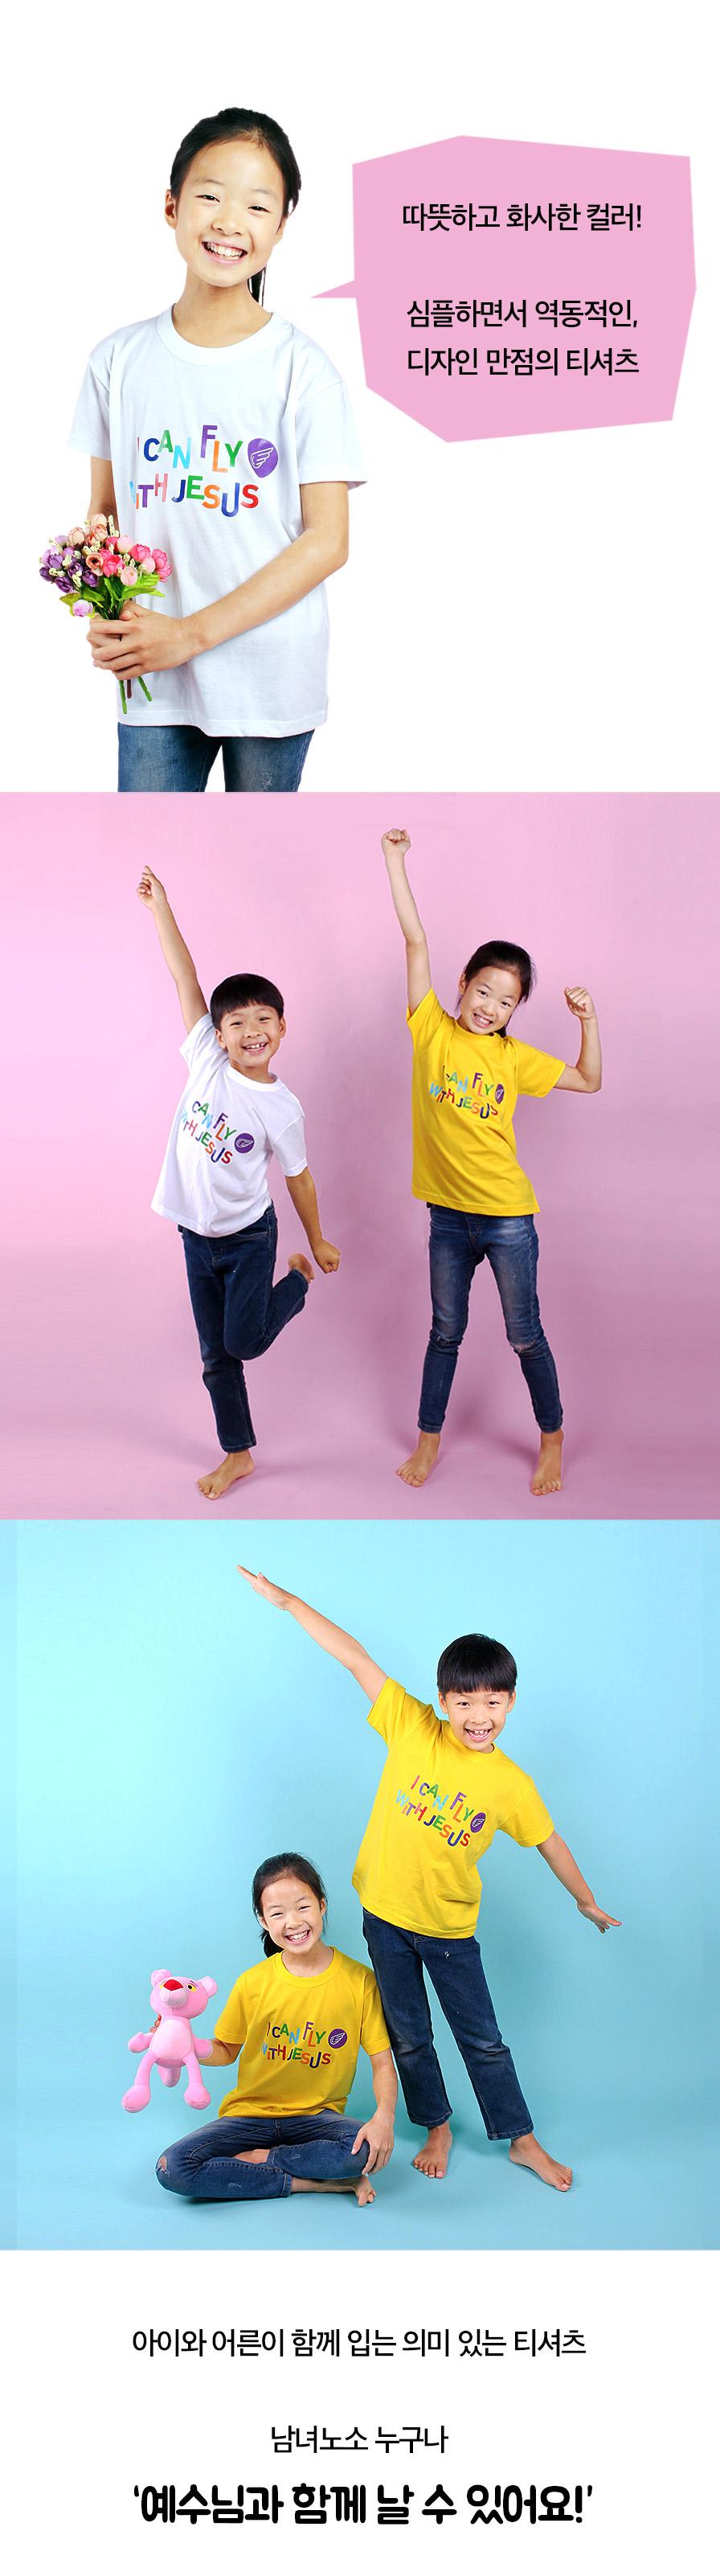 어린이날티셔츠